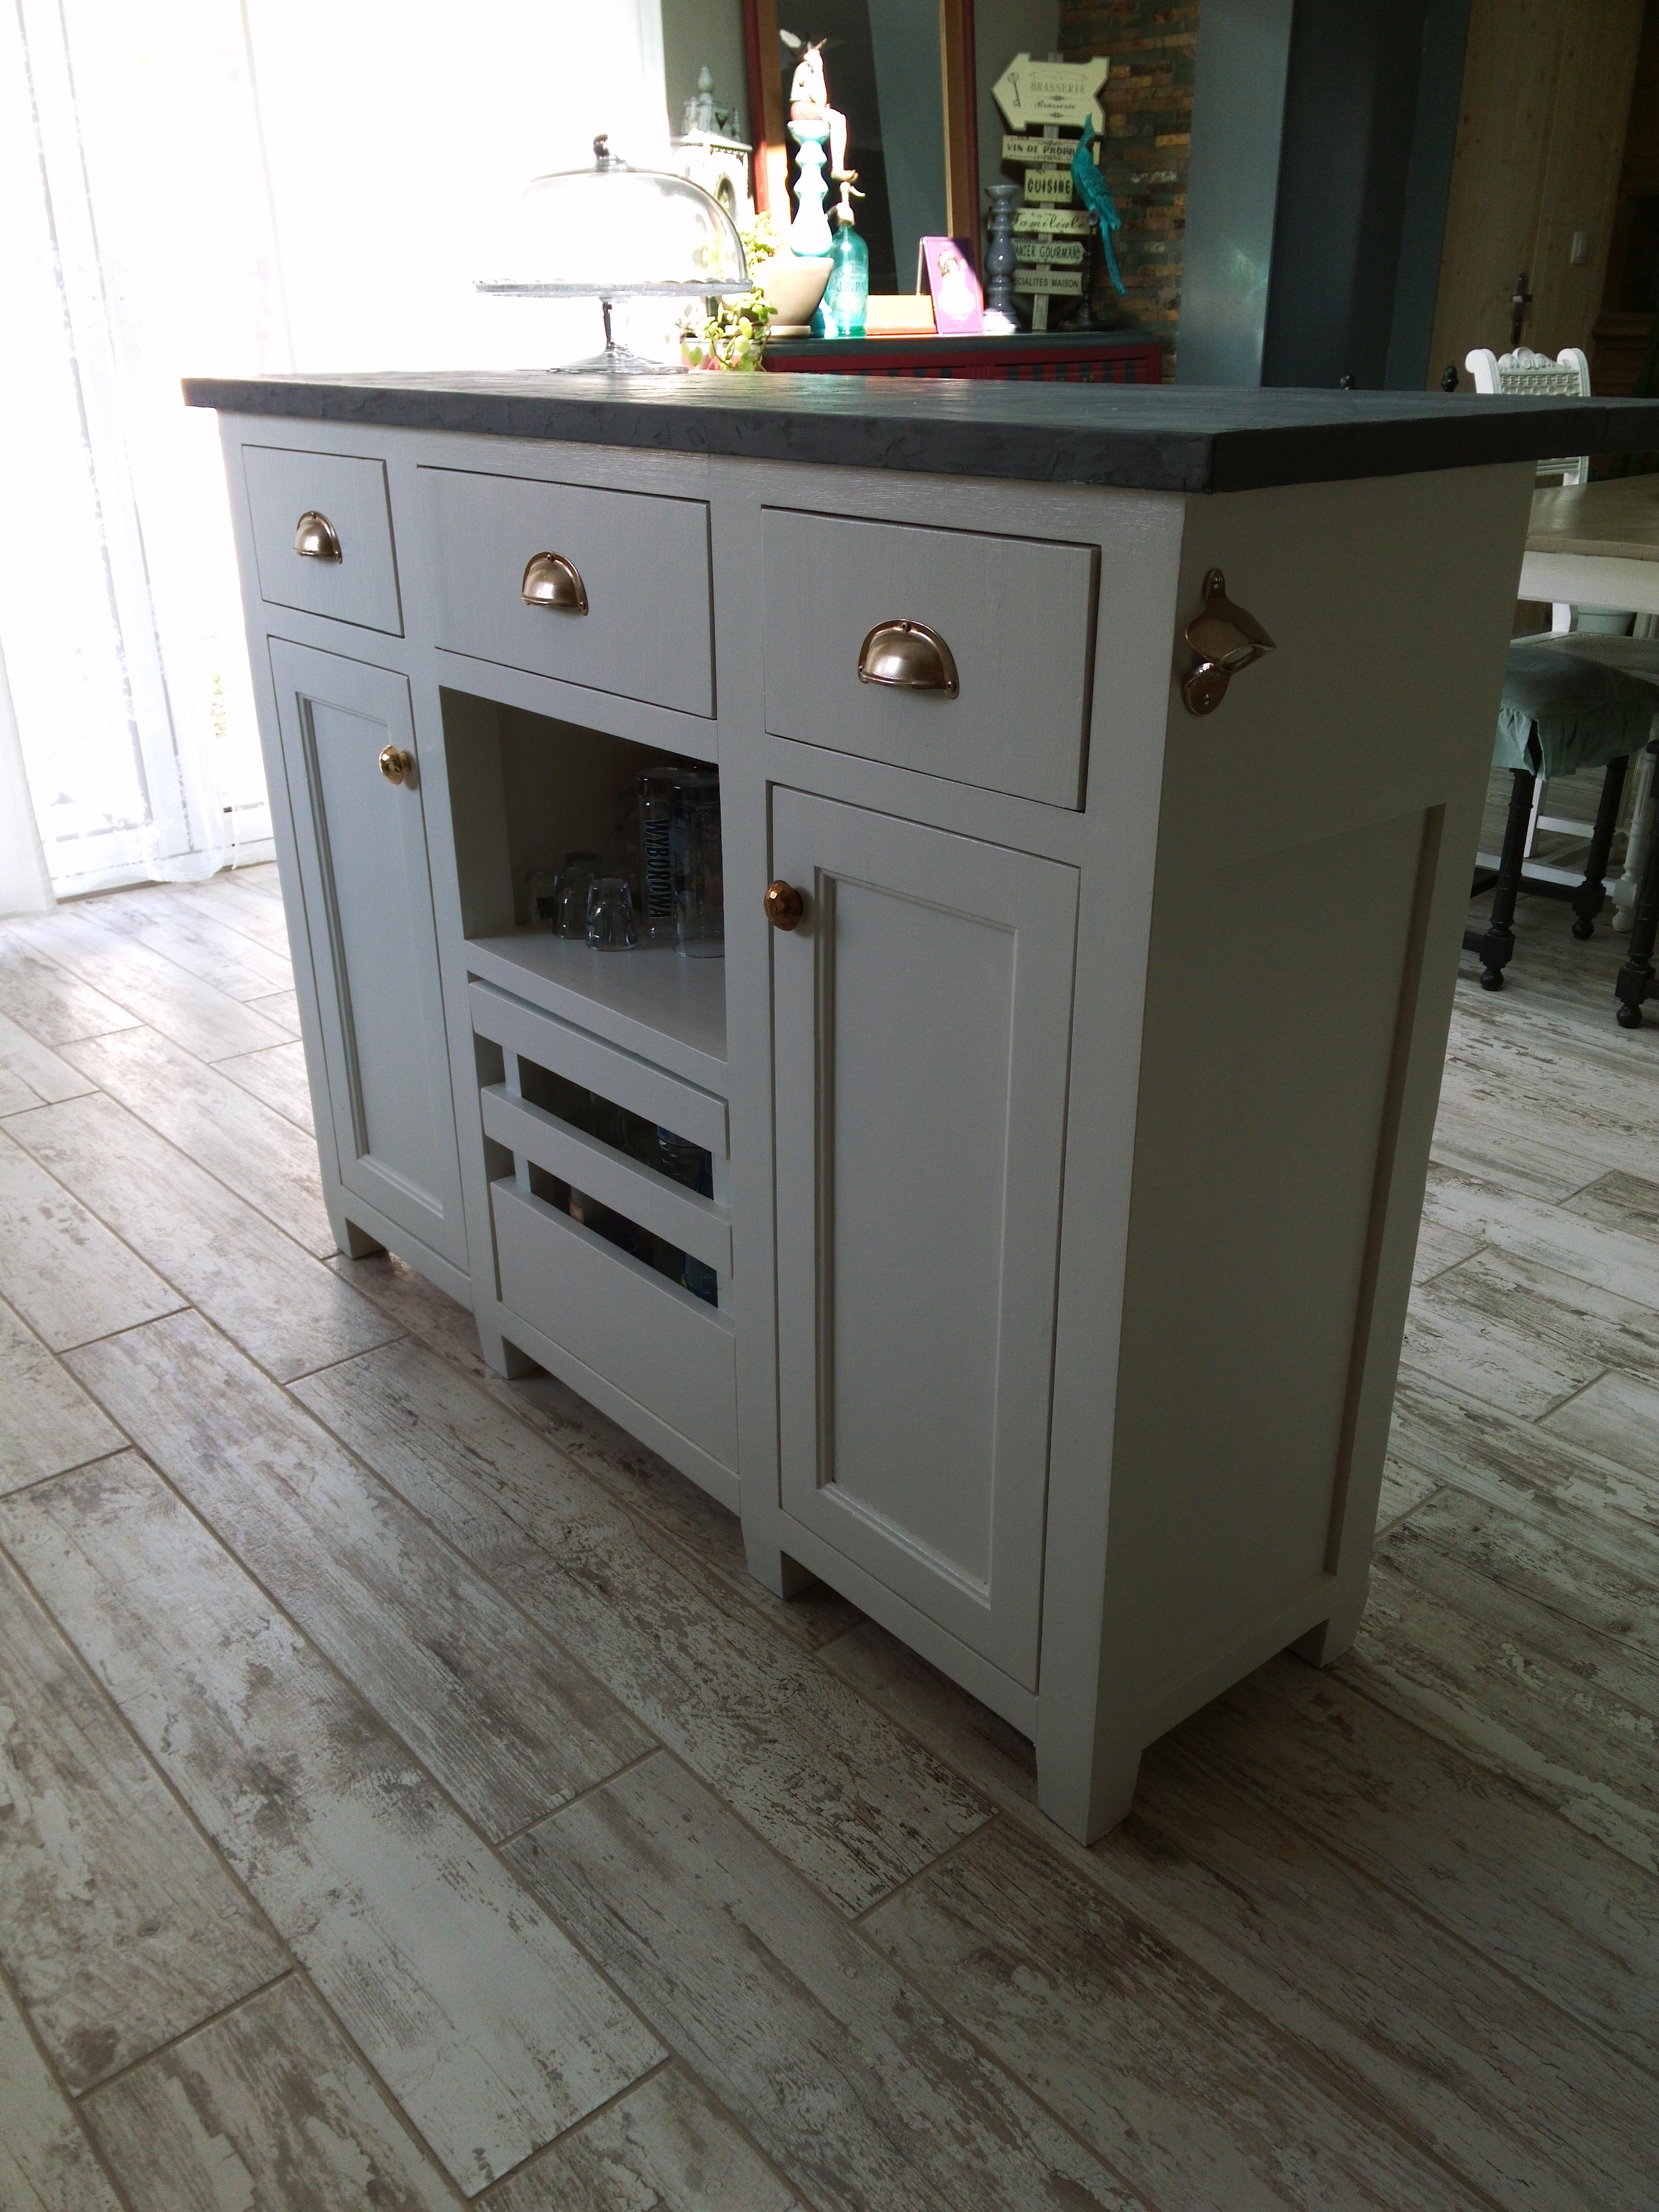 Restauration Meuble De Cuisine les grands secrets de la restauration de meubles: 5 étapes